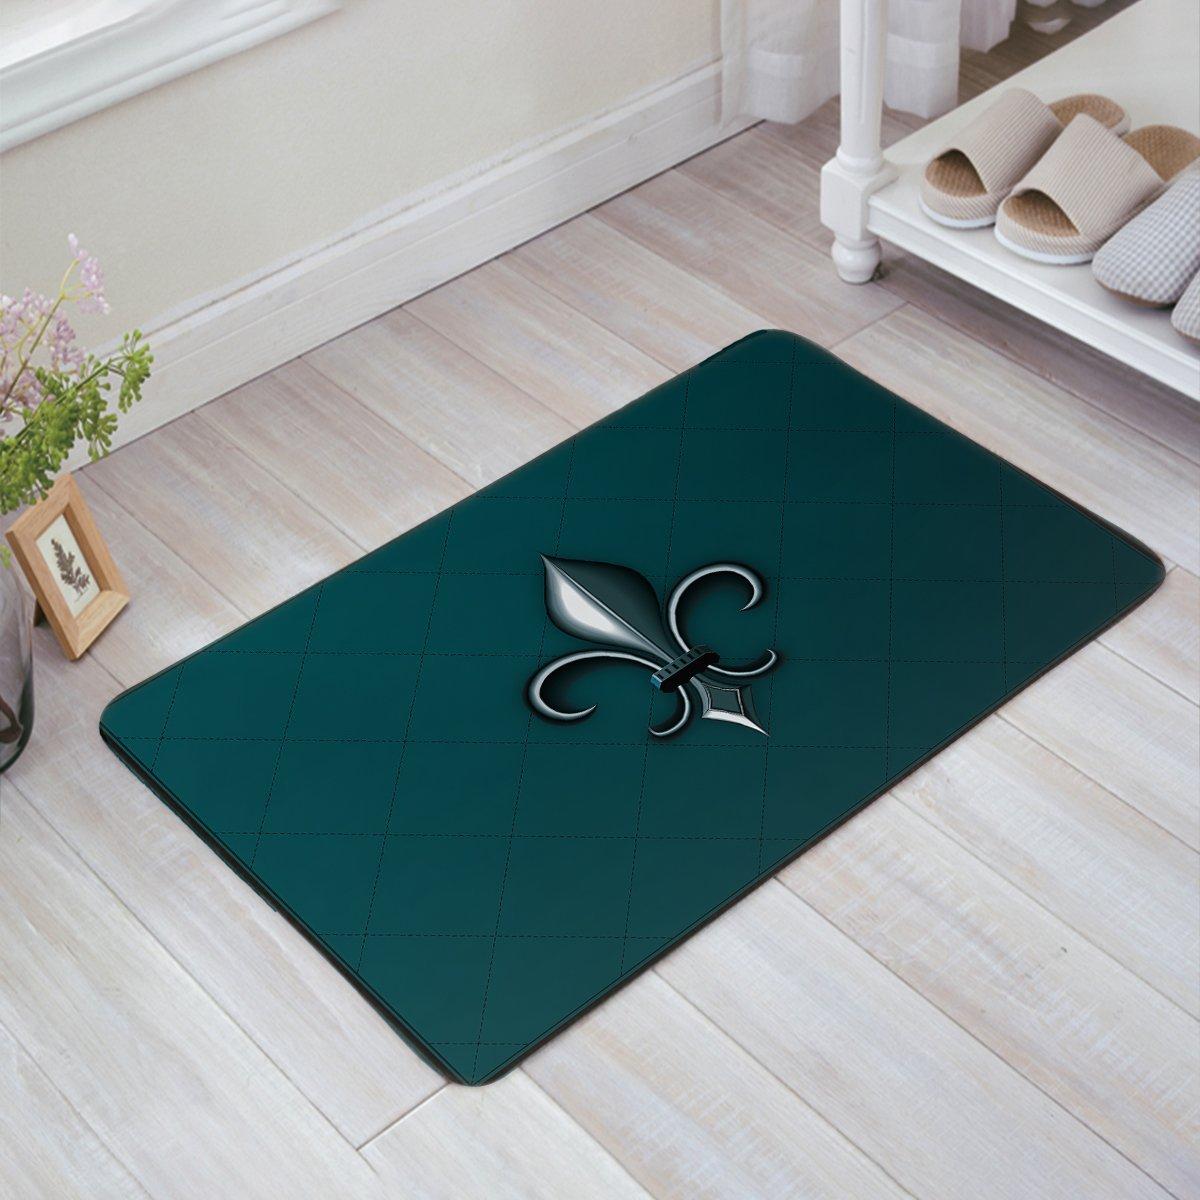 CHARMHOME Fleur De Lis Doormat Entrance Rug Door Mat Fabric Indoor And Outdoor Doormat Grip Rubber Backing, 23.6 x 15.7 Inch